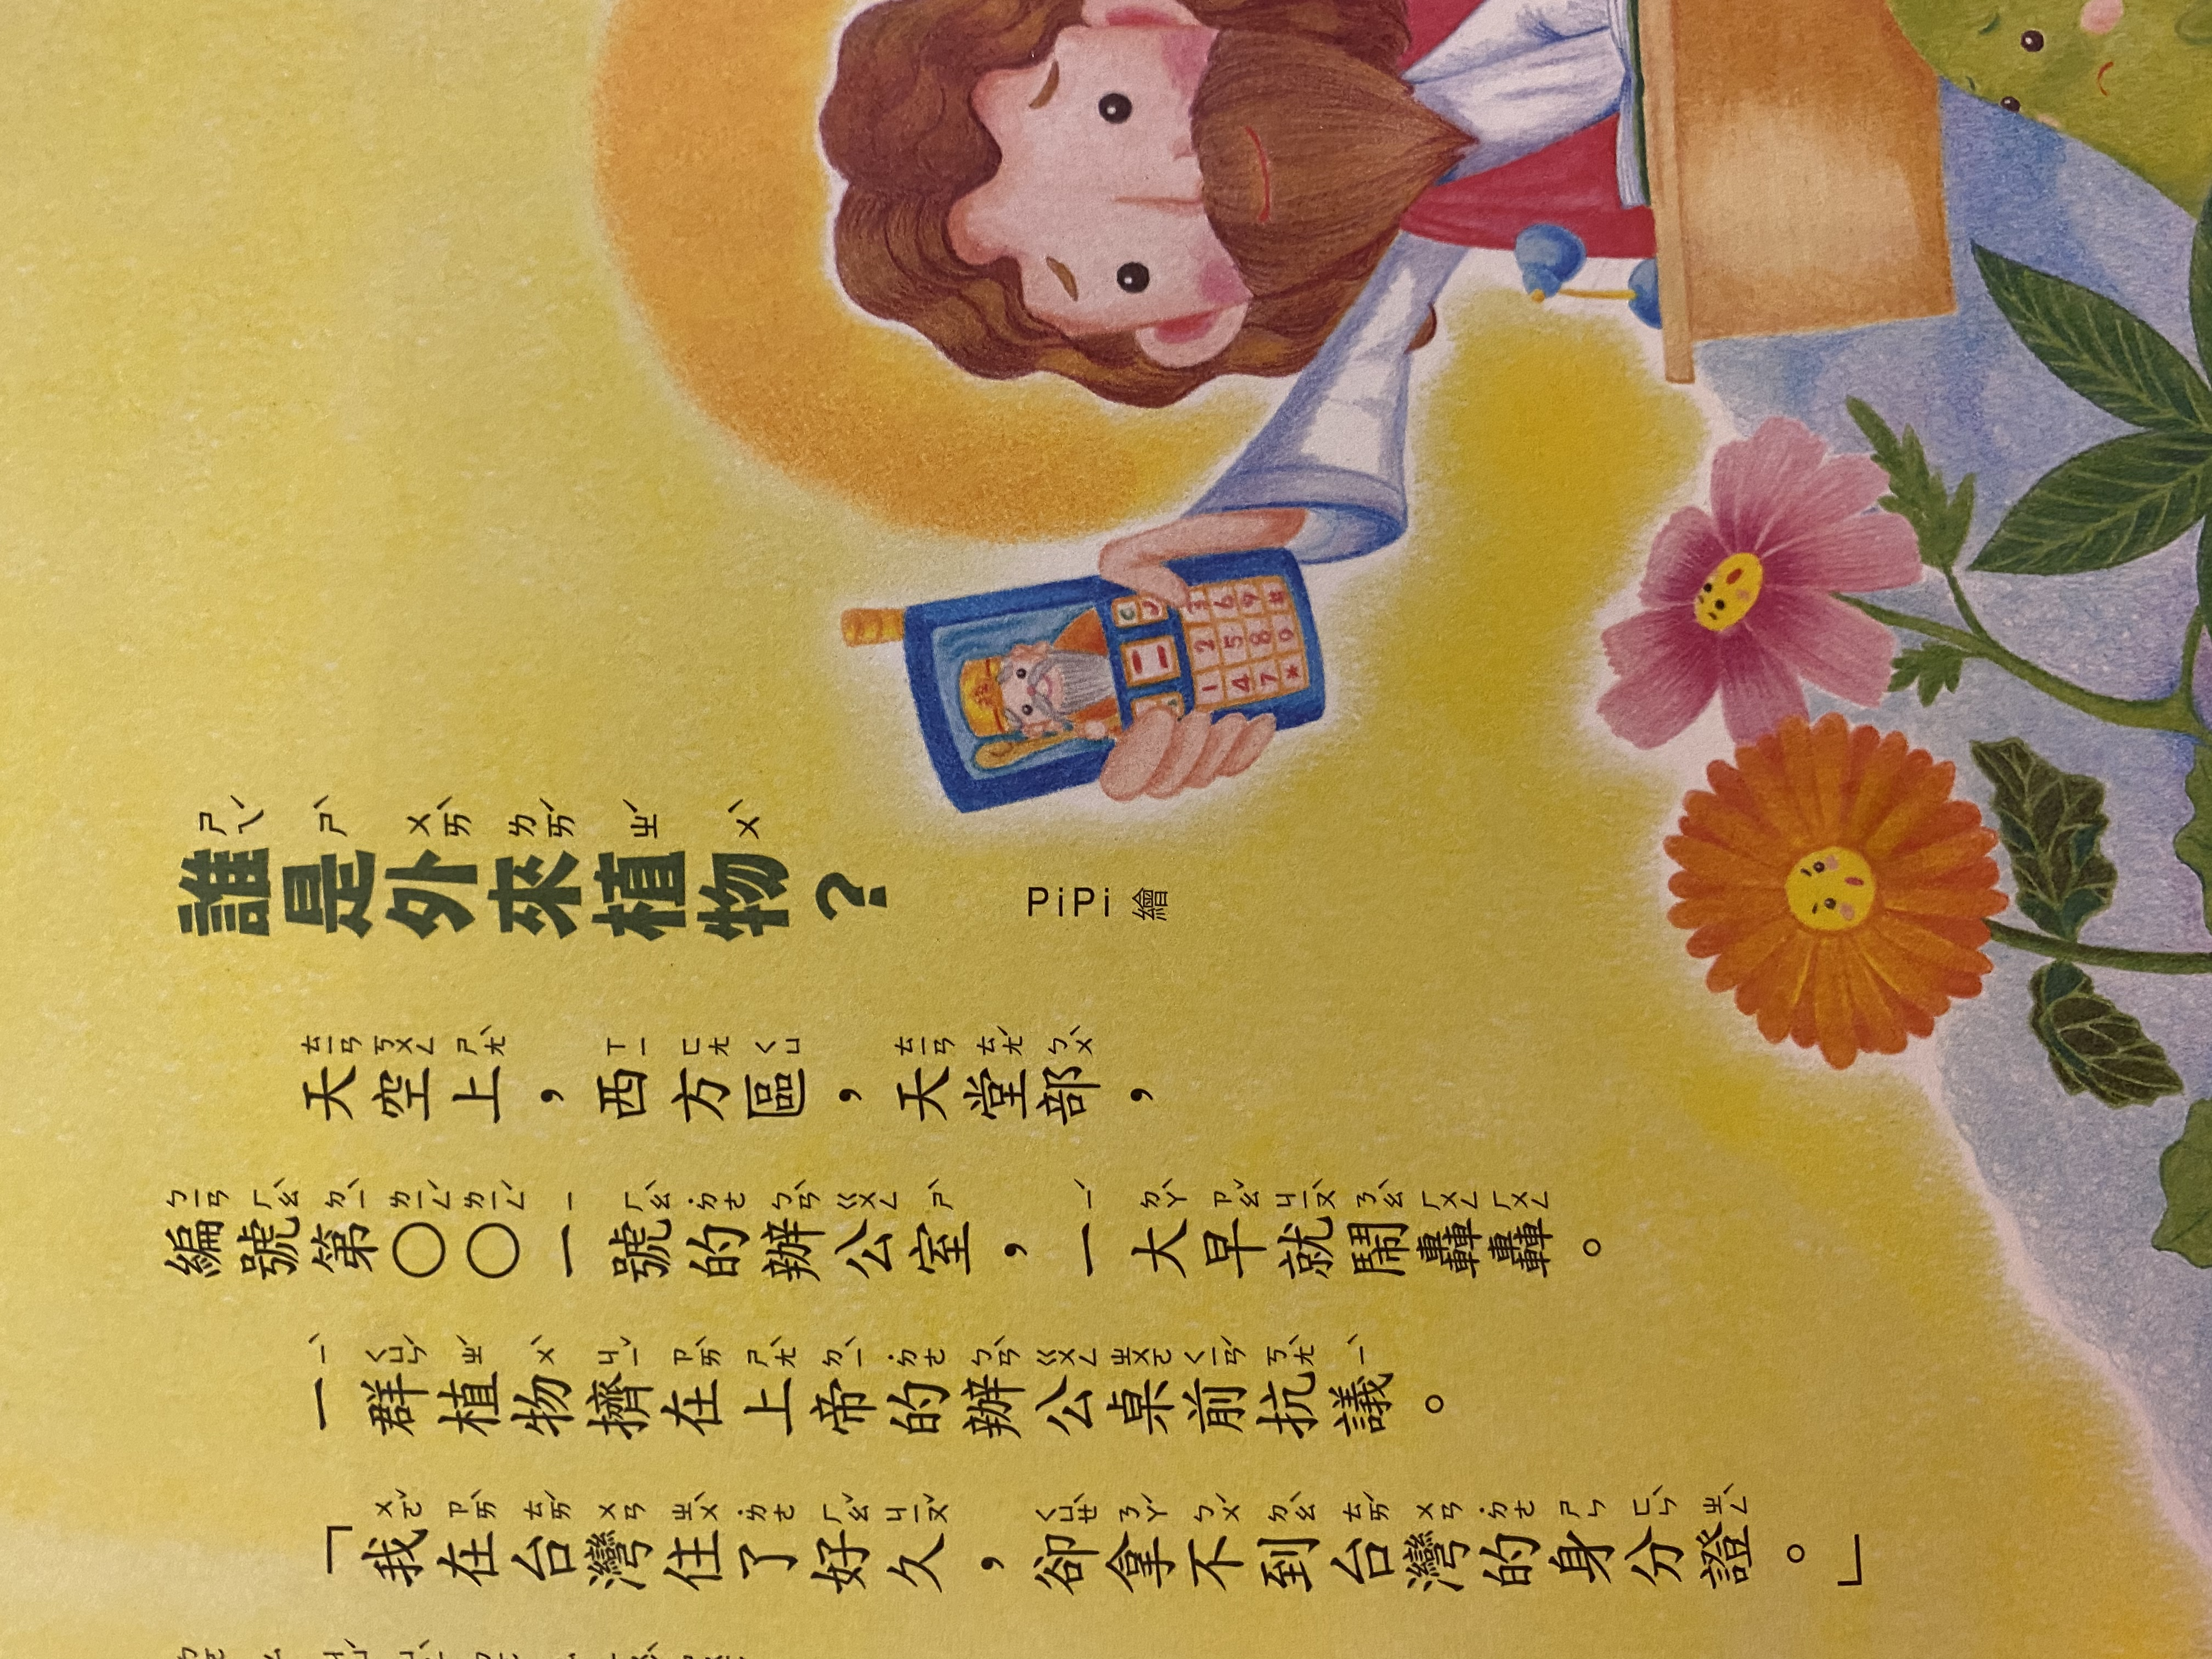 S3-116/ 誰是外來植物/ 福爾摩斯新探案/ 文 林世仁/ 圖 卓昆峰 Mr. B, Pi Pi/ 親子天下